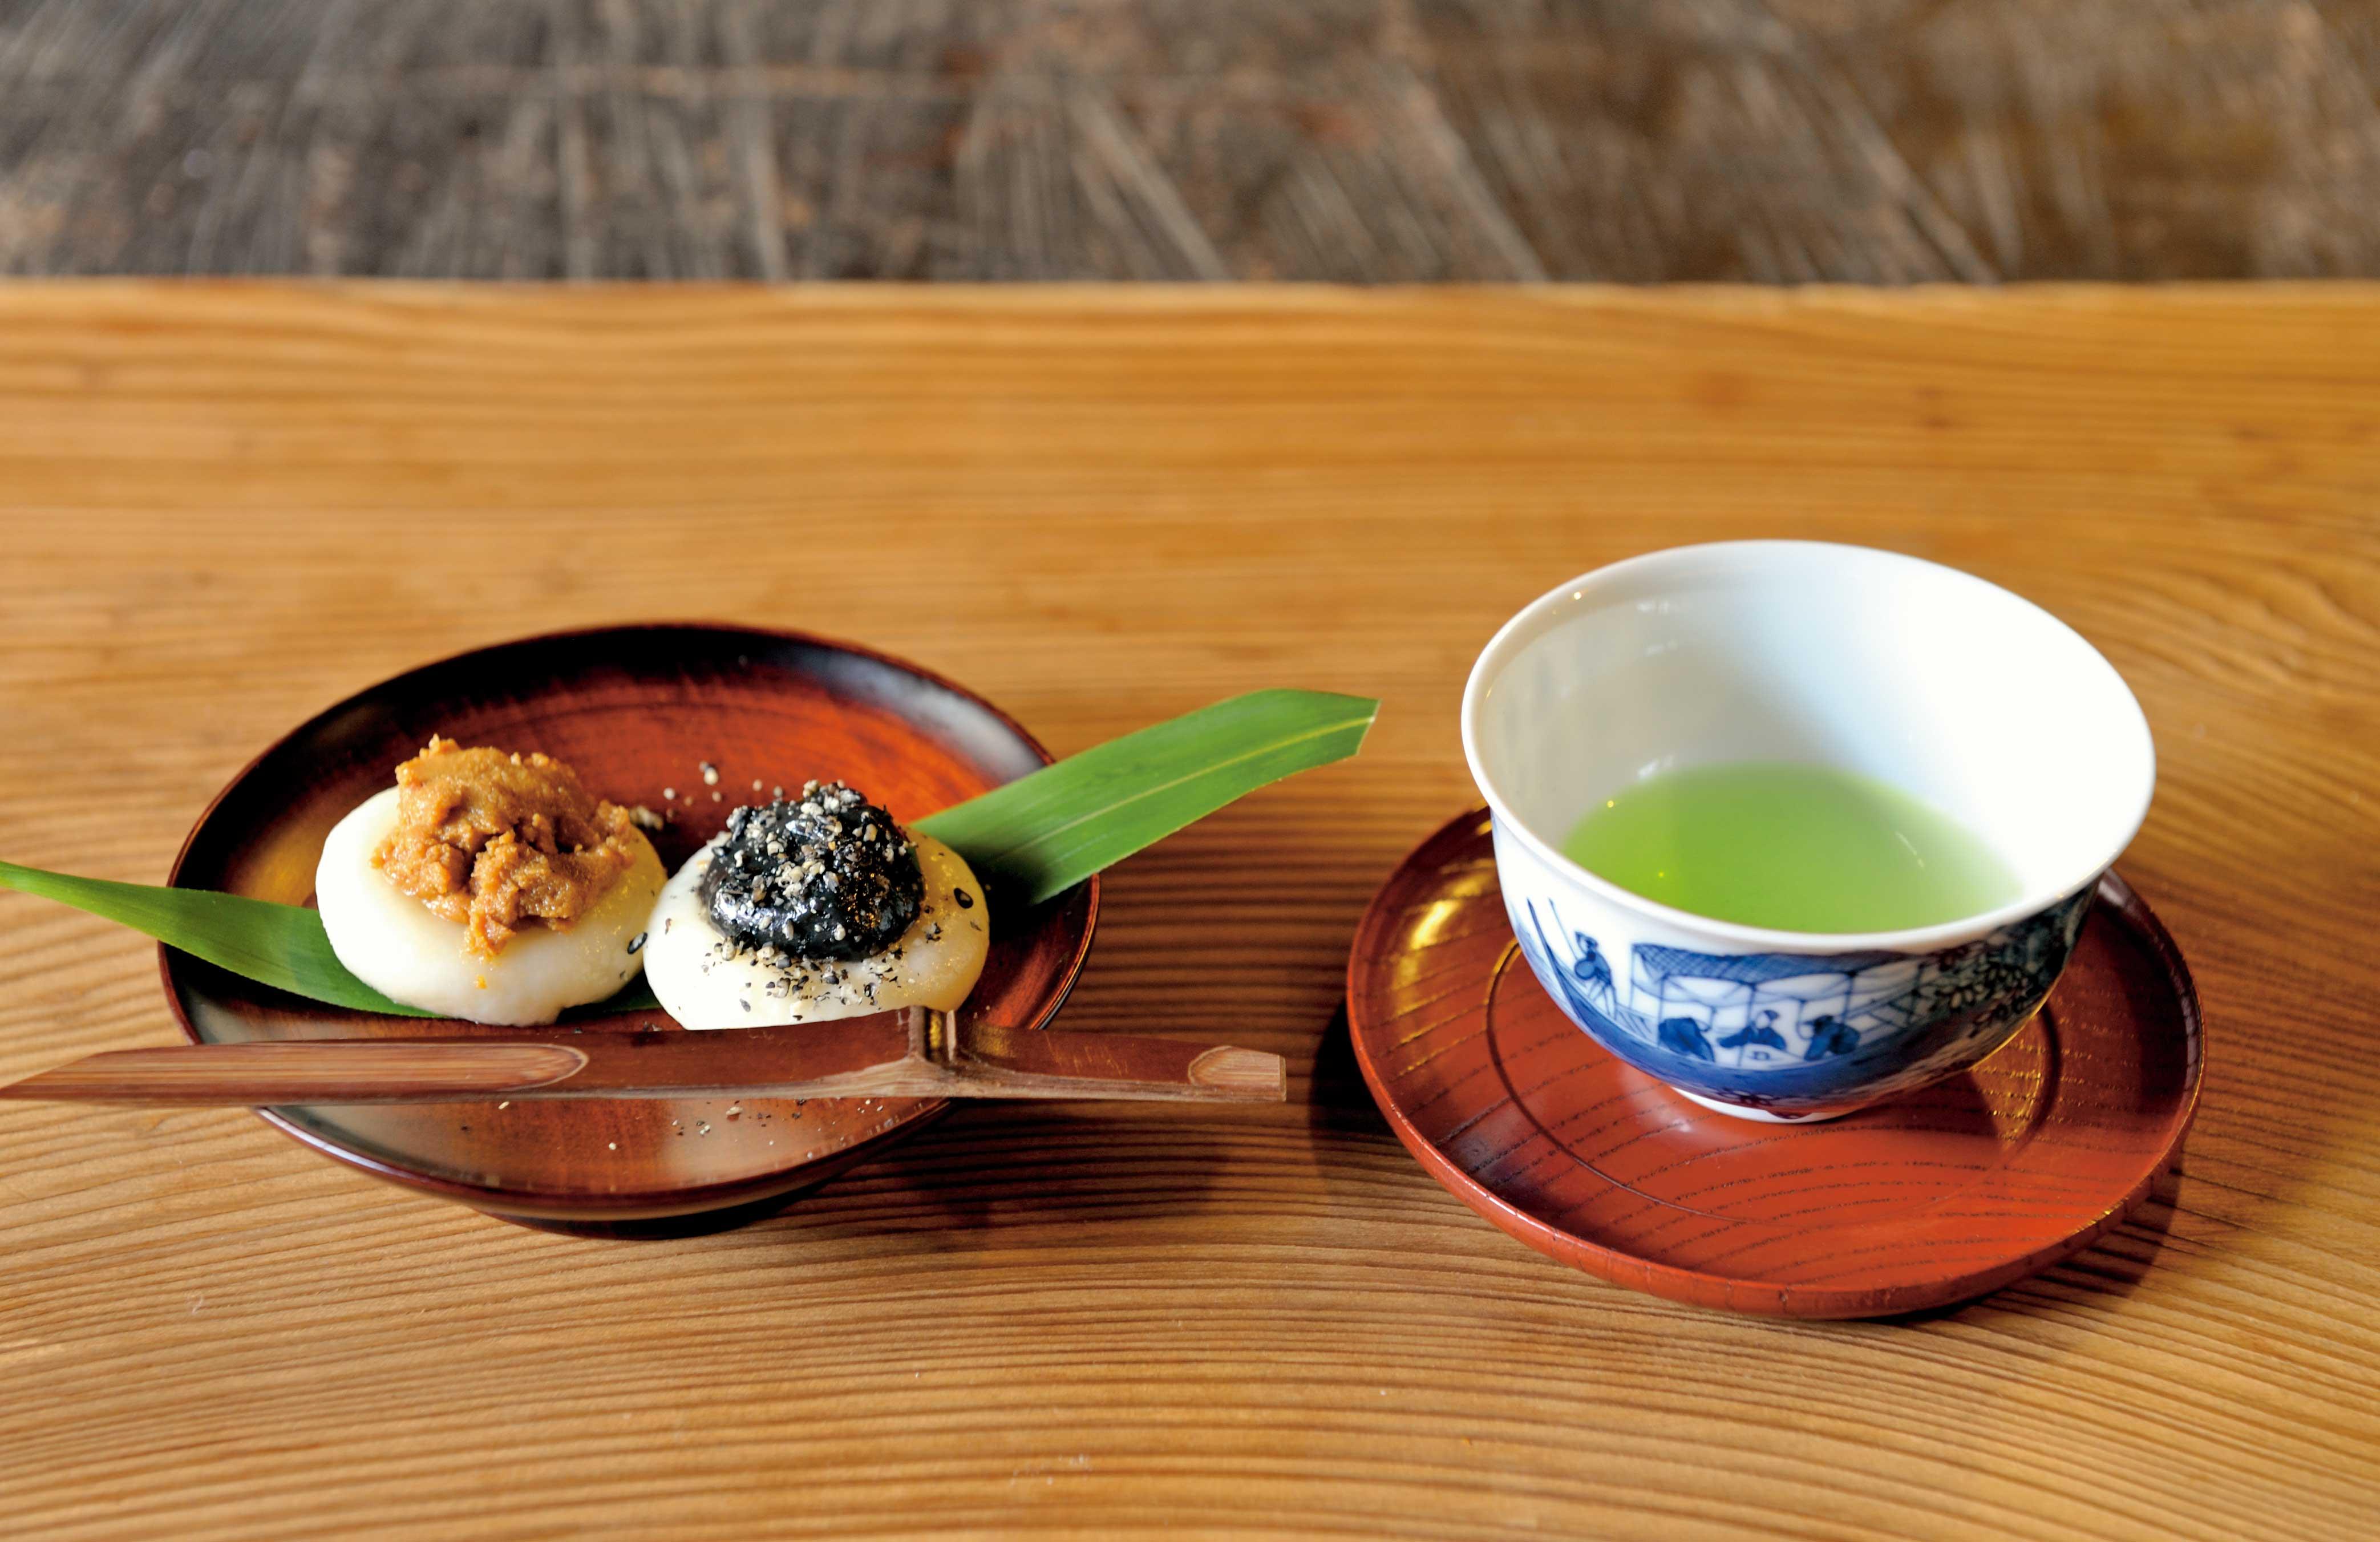 煎茶と小菓子